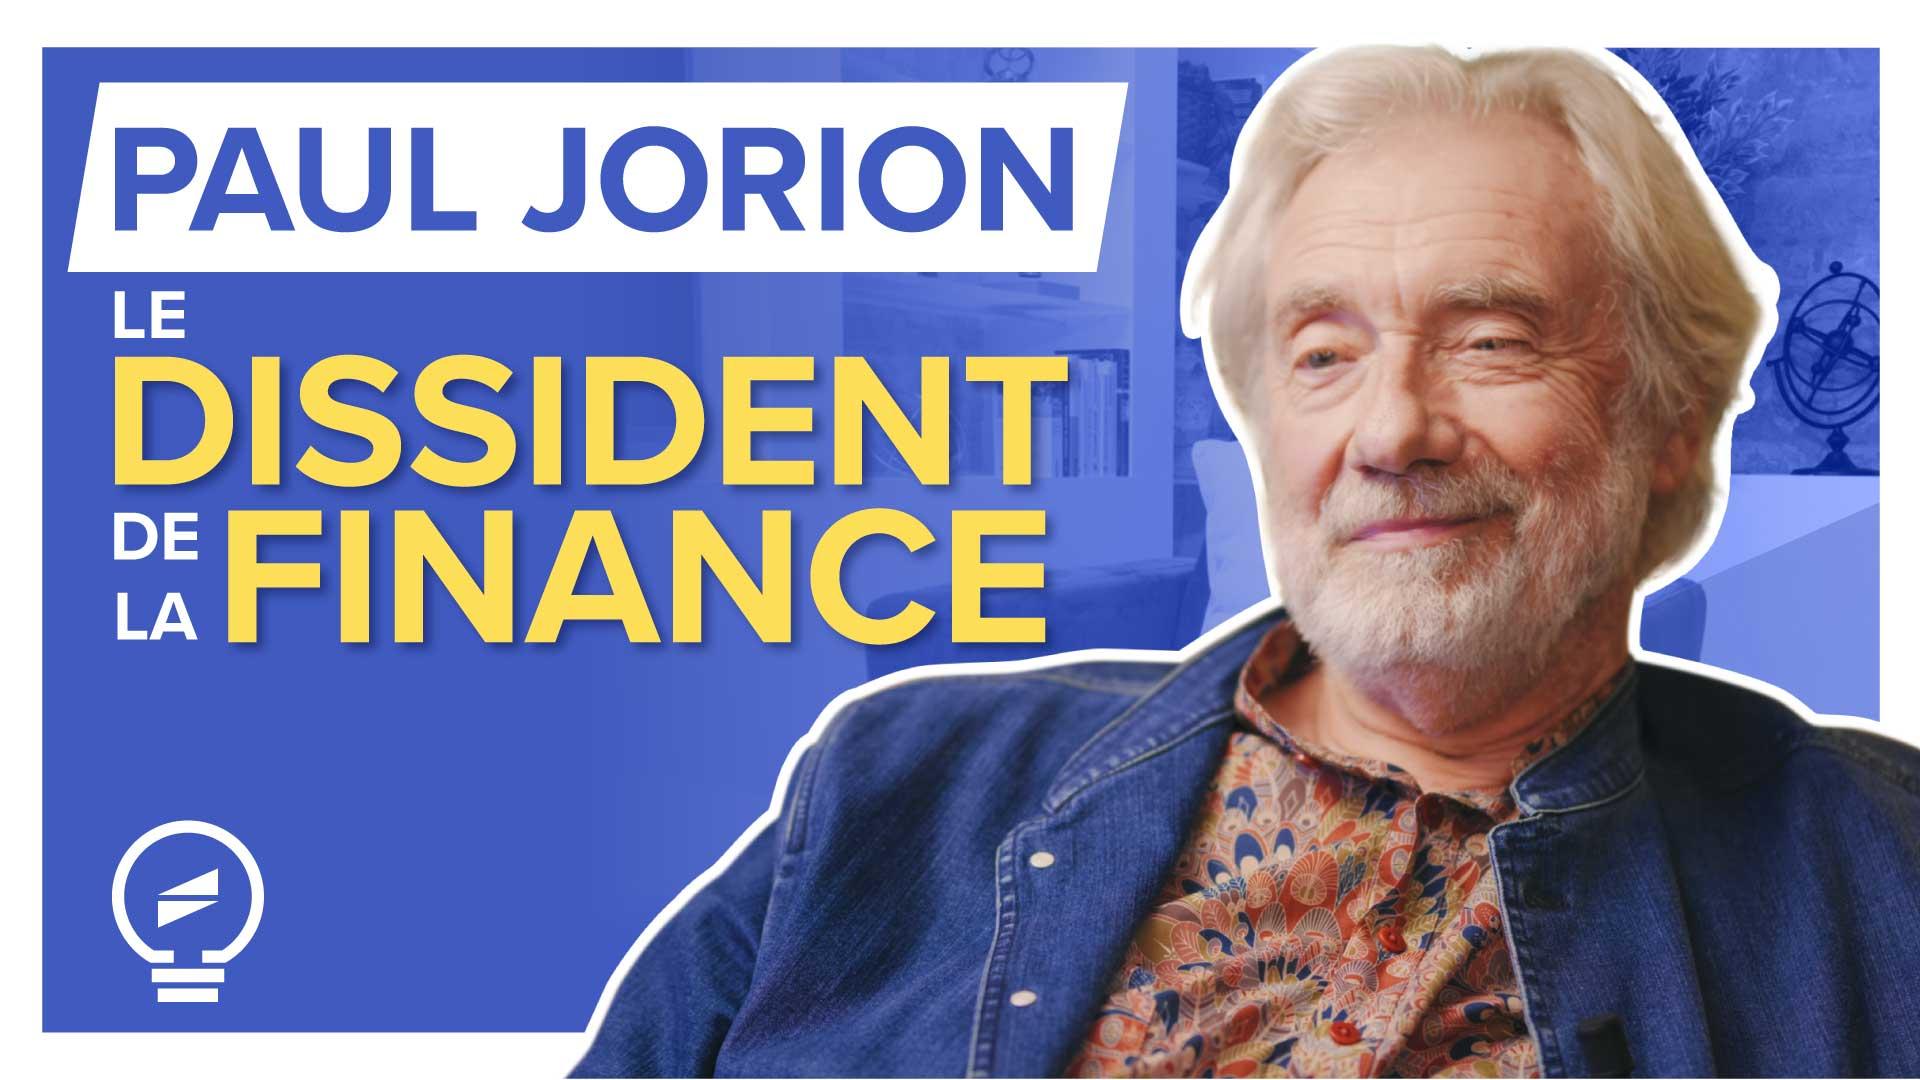 Paul Jorion – Effondrement financier, climat, fléaux : comment sortir du déni ?